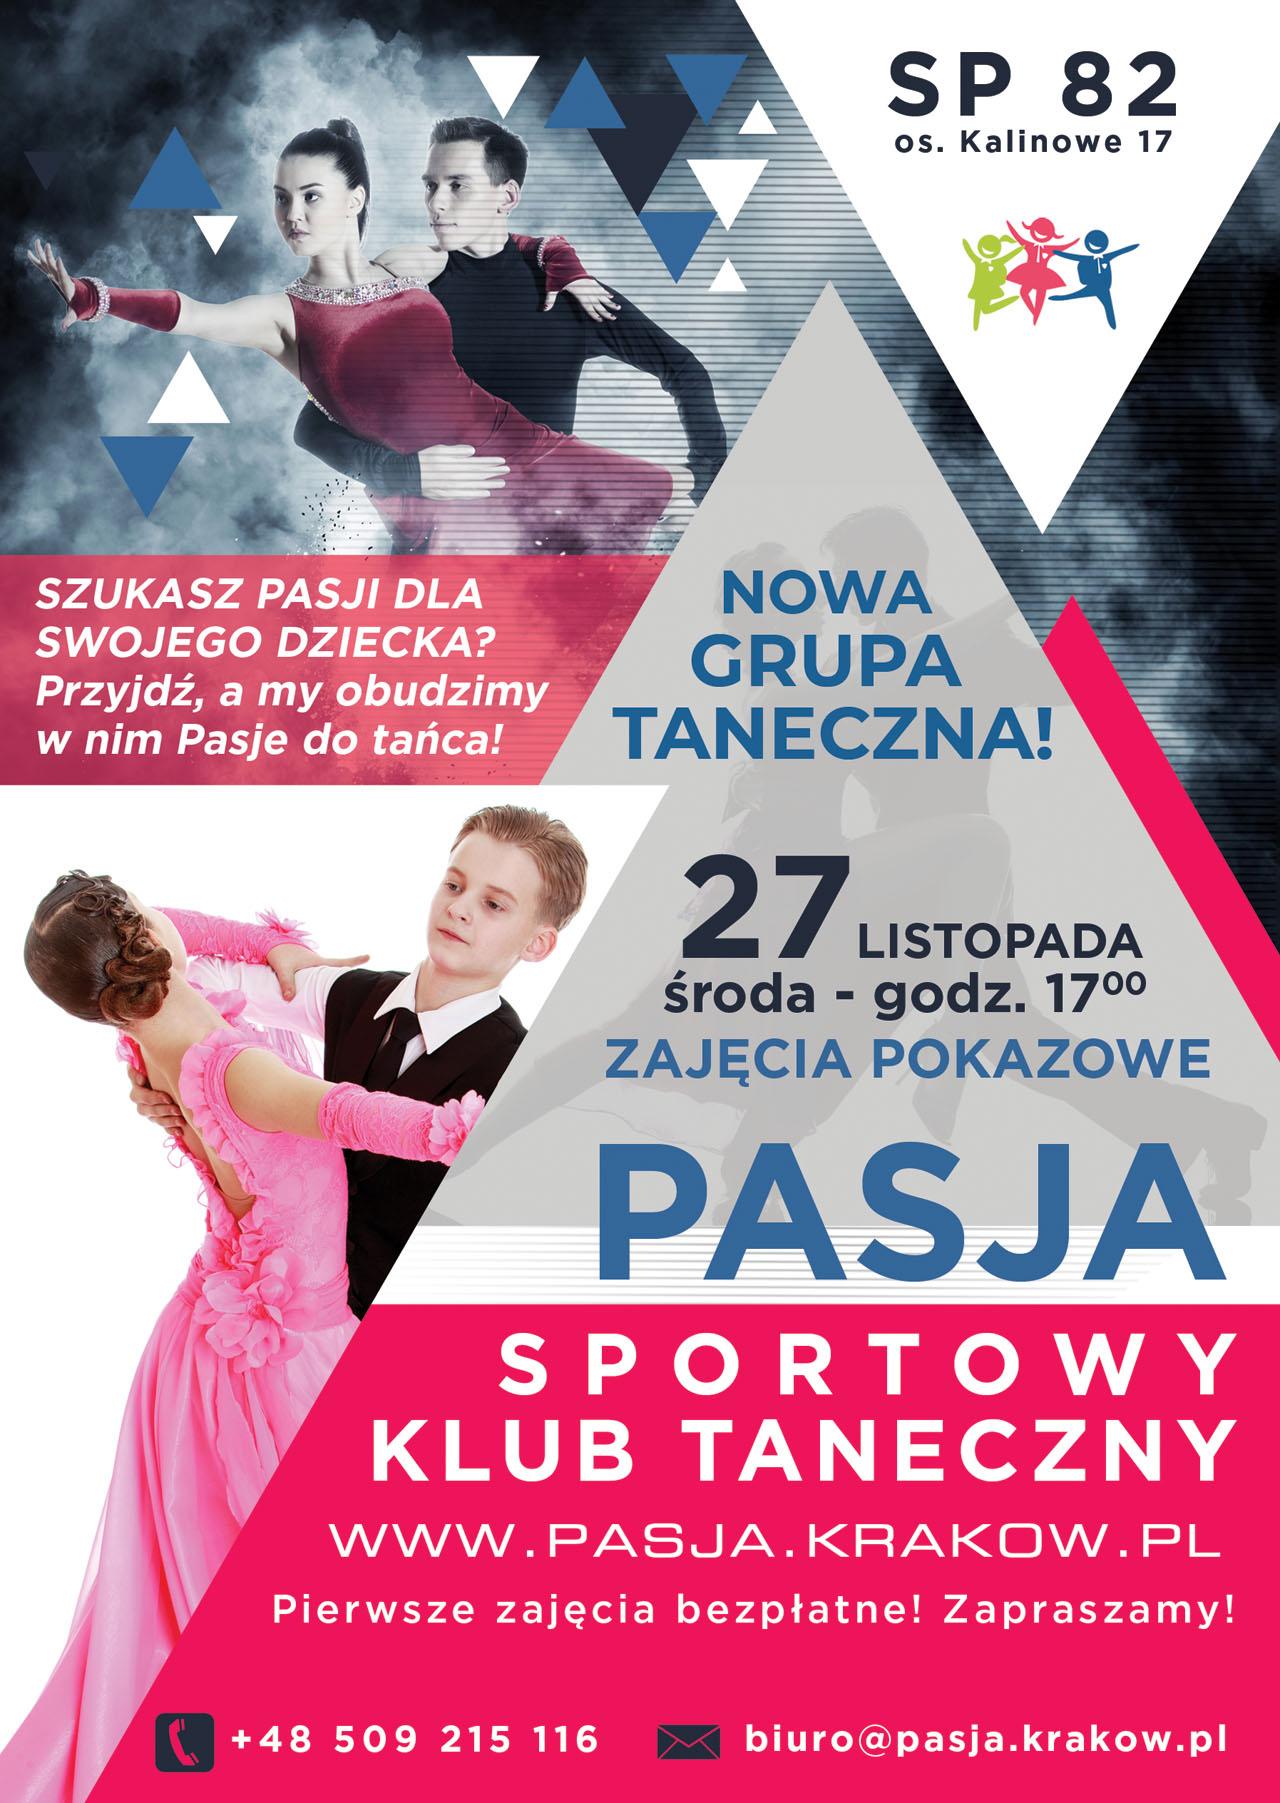 NOWA-grupa-taneczna-27XI